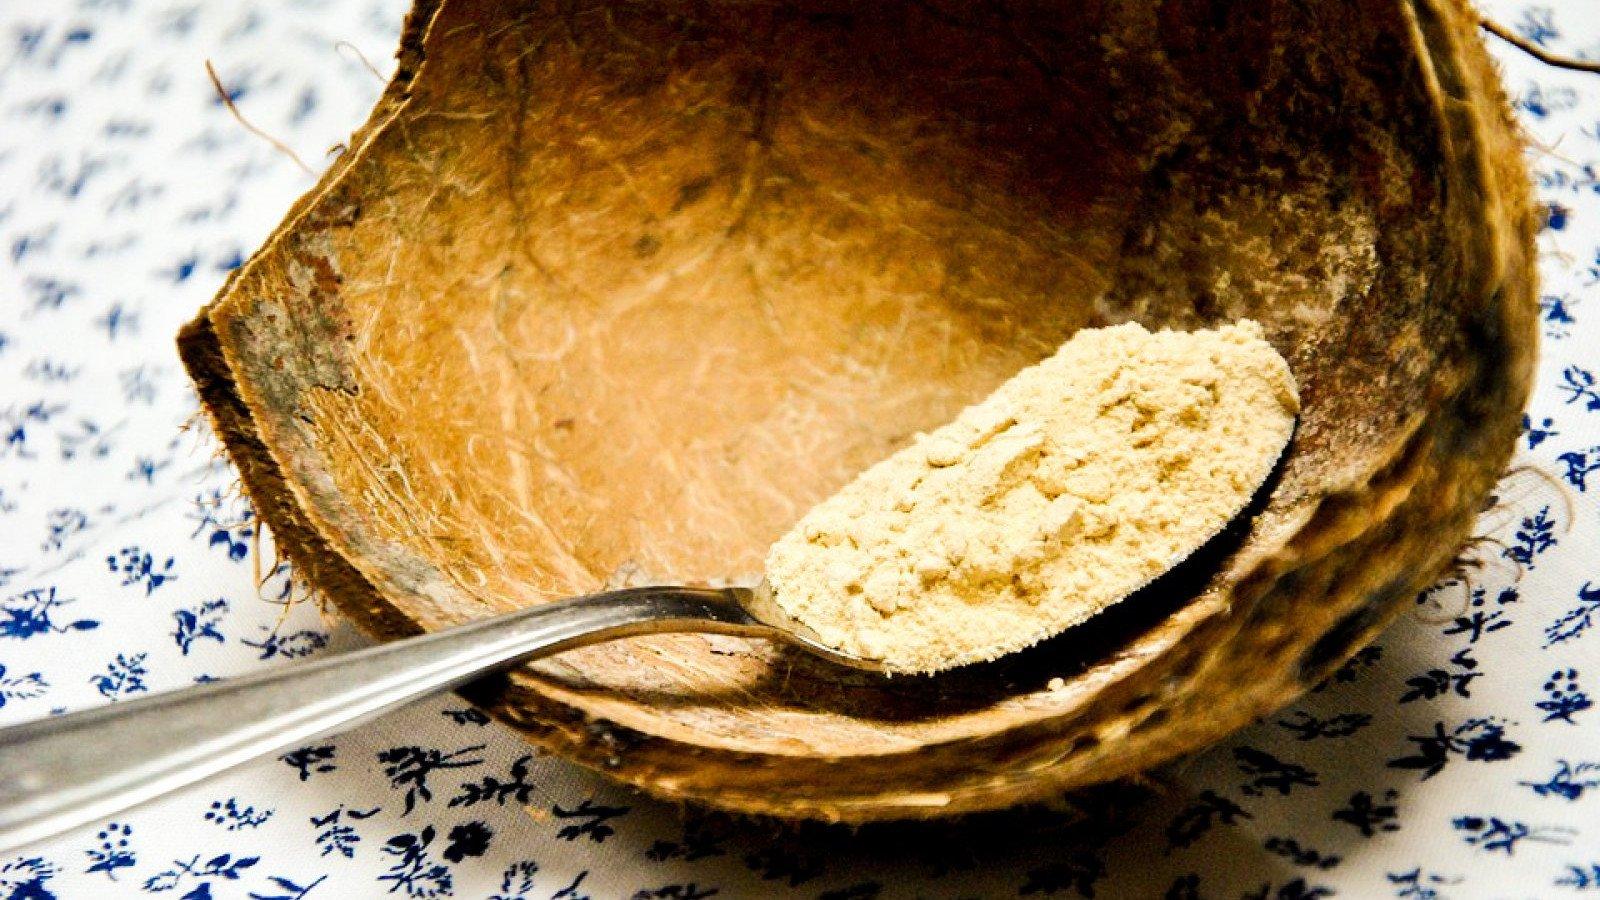 La maca tiene propiedades anticancerígenas y es un afrodisíaco natural.